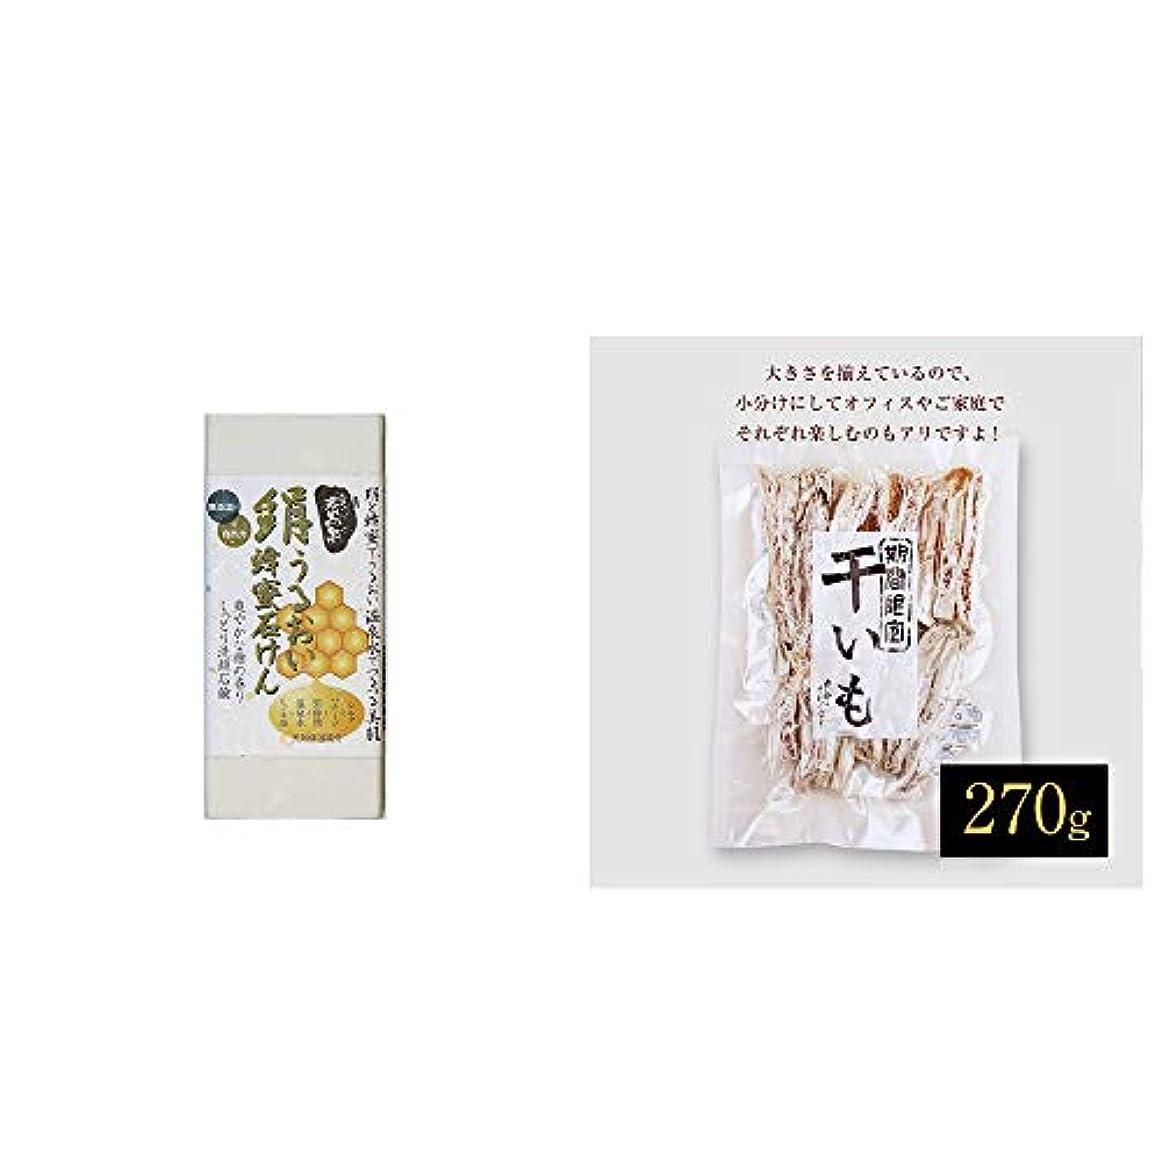 動くまた従う[2点セット] ひのき炭黒泉 絹うるおい蜂蜜石けん(75g×2)?干いも(270g)